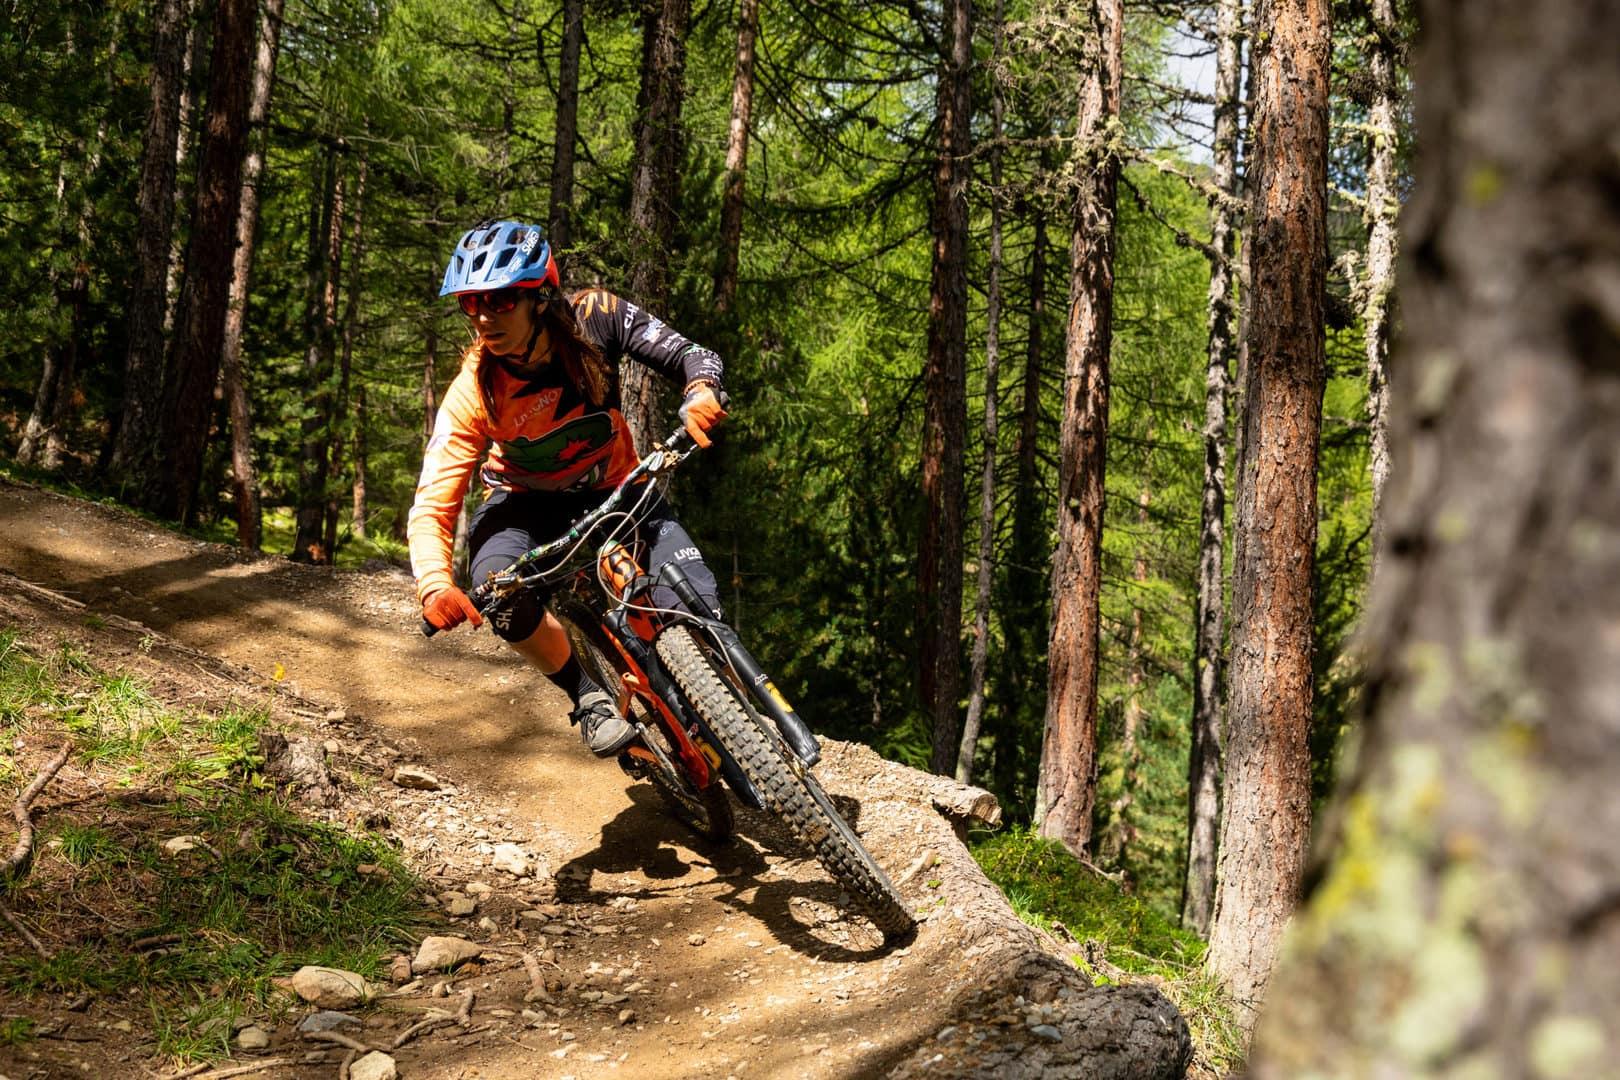 riders nei boschi durante discesa dal bike park Carosello 3000 a livigno